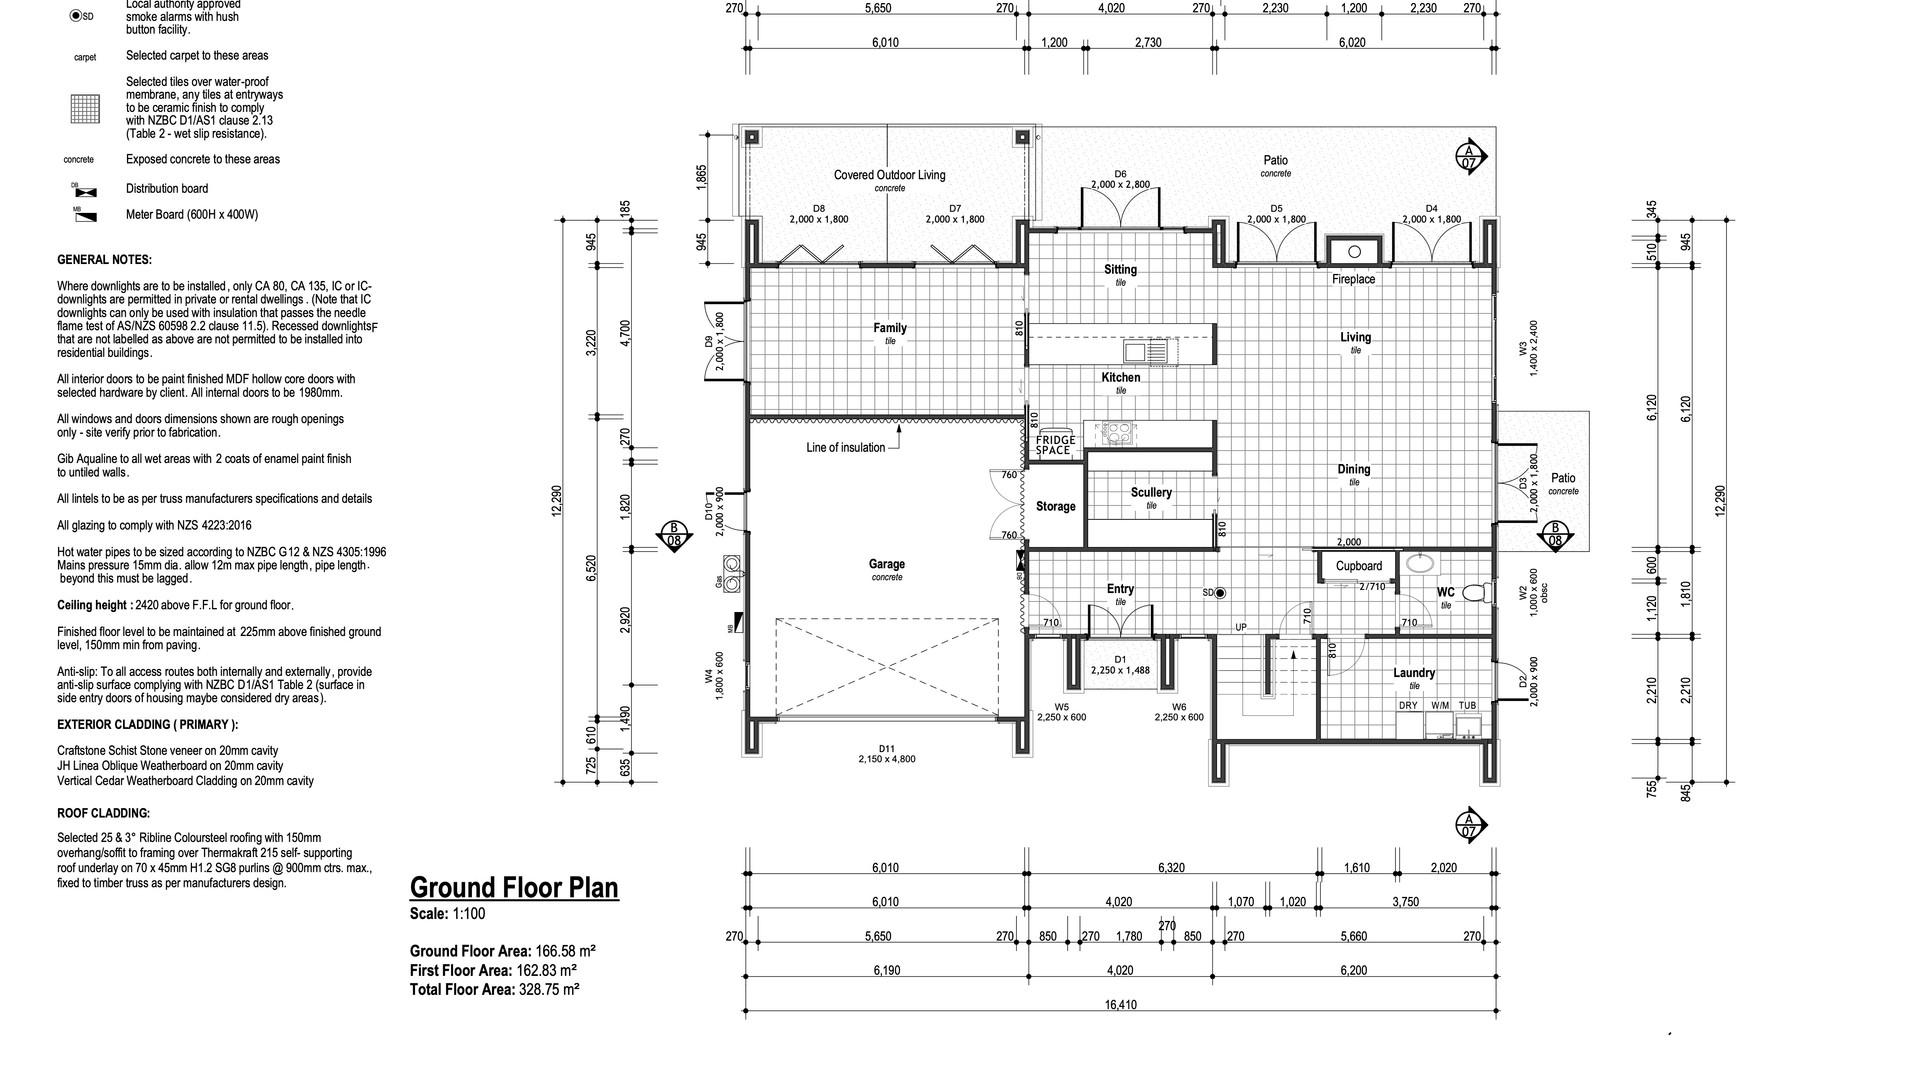 St Thomas Floorplans & Elevations 2